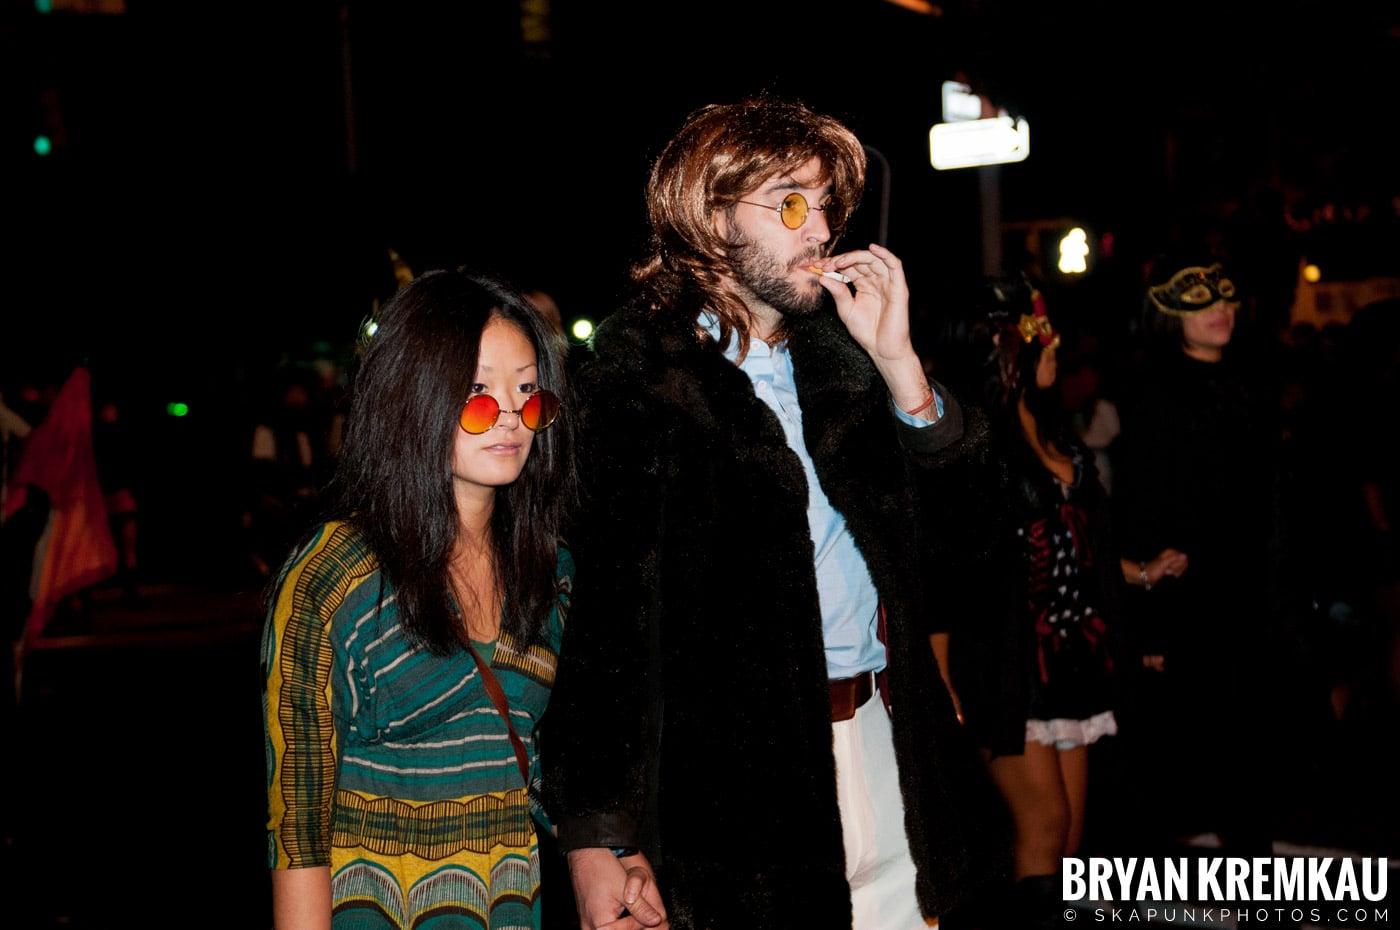 NYC Halloween Parade 2011 @ New York, NY - 10.31.11 (9)